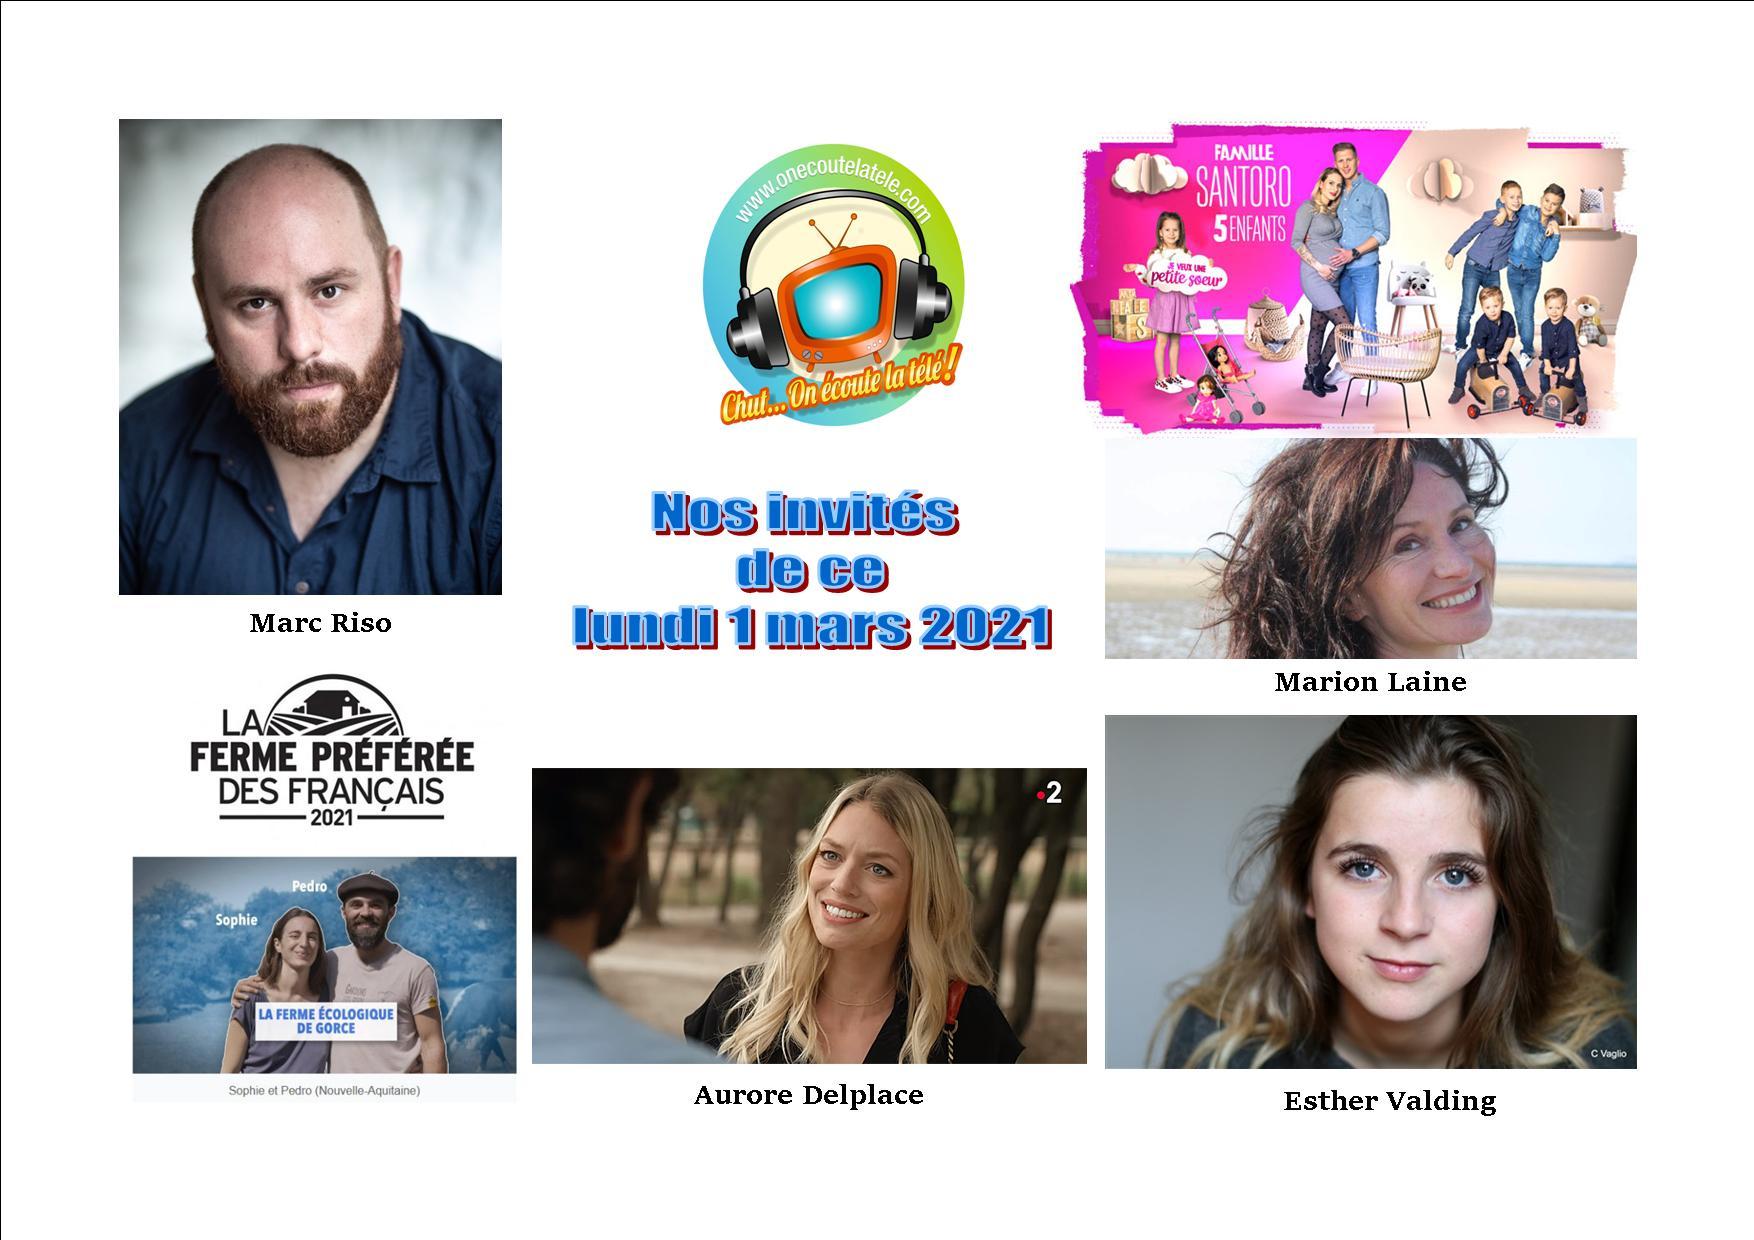 Voici nos émissions Chut on écoute la télé de ce lundi 1 Mars avec Marc Riso, Esther Valding, Aurore Delplace, la Famille Santoro, Marion Laine et la ferme préférée des Français